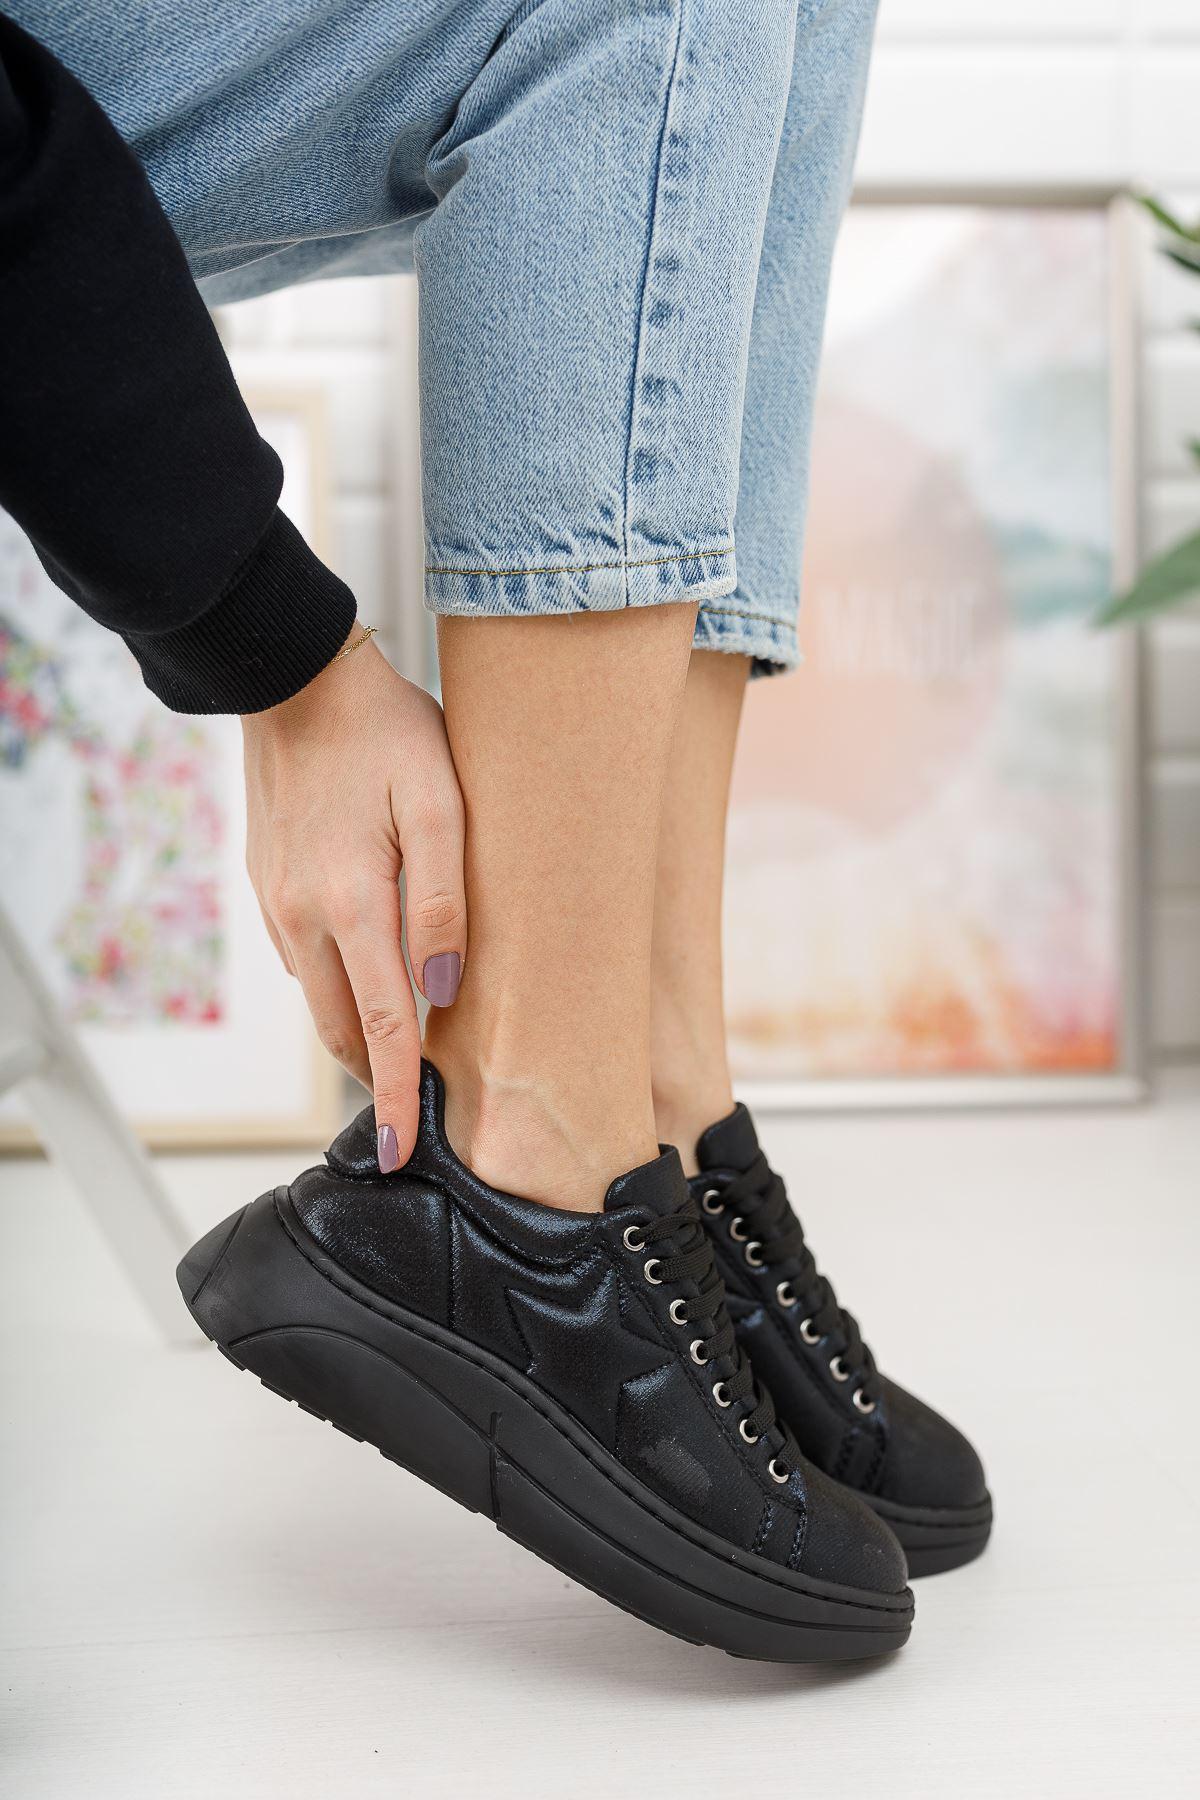 Kadın Nikola Kalın Taban Siyah Spor Ayakkabı